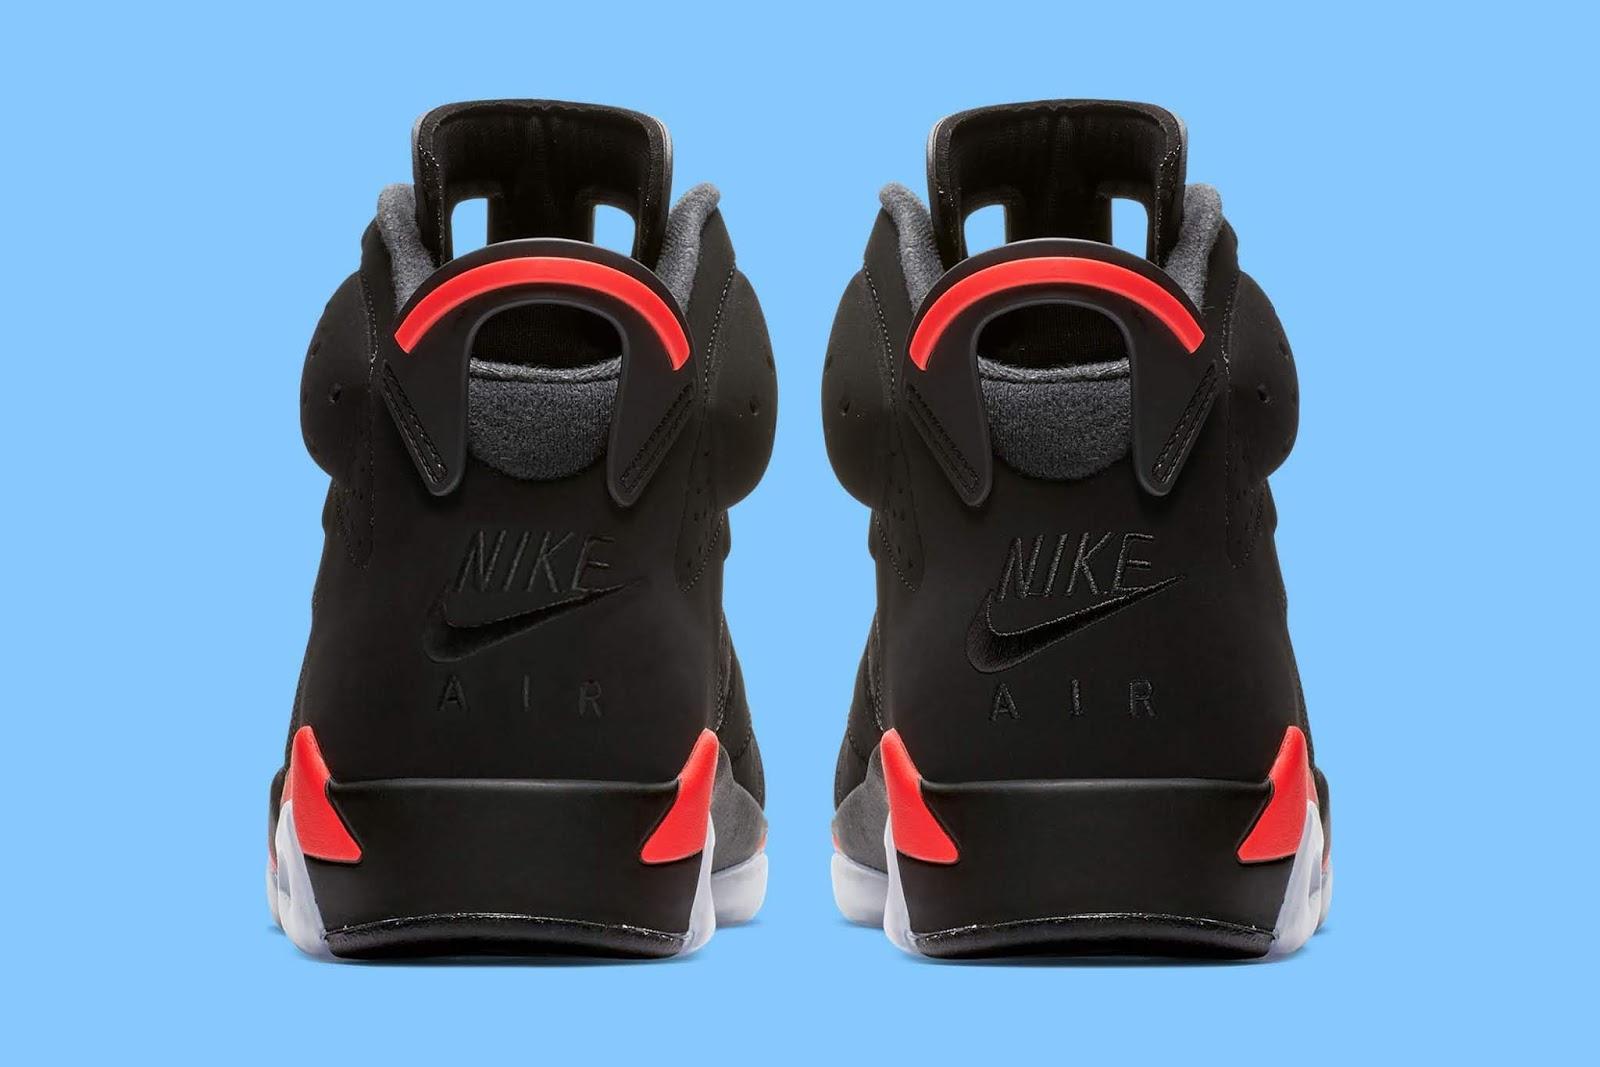 The Air Jordan 6